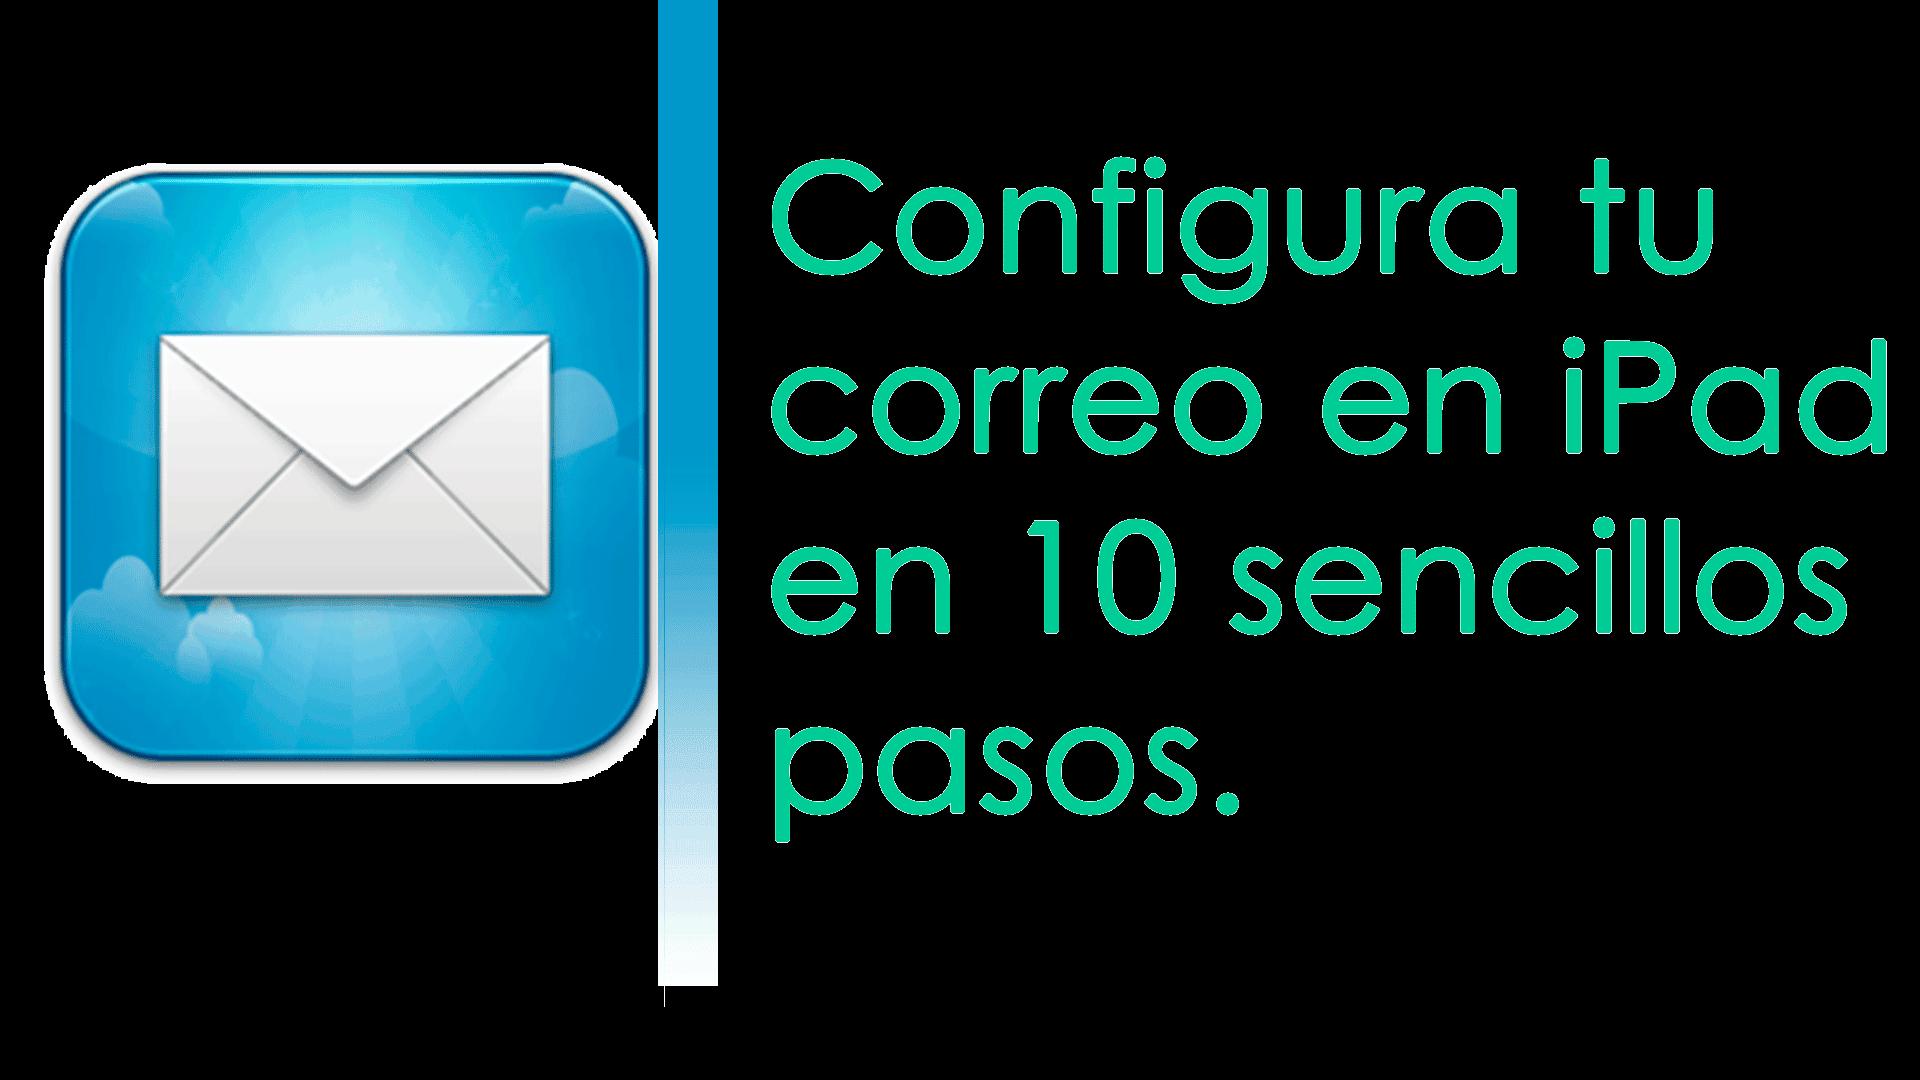 ¿Cómo configurar mi correo en iPad?